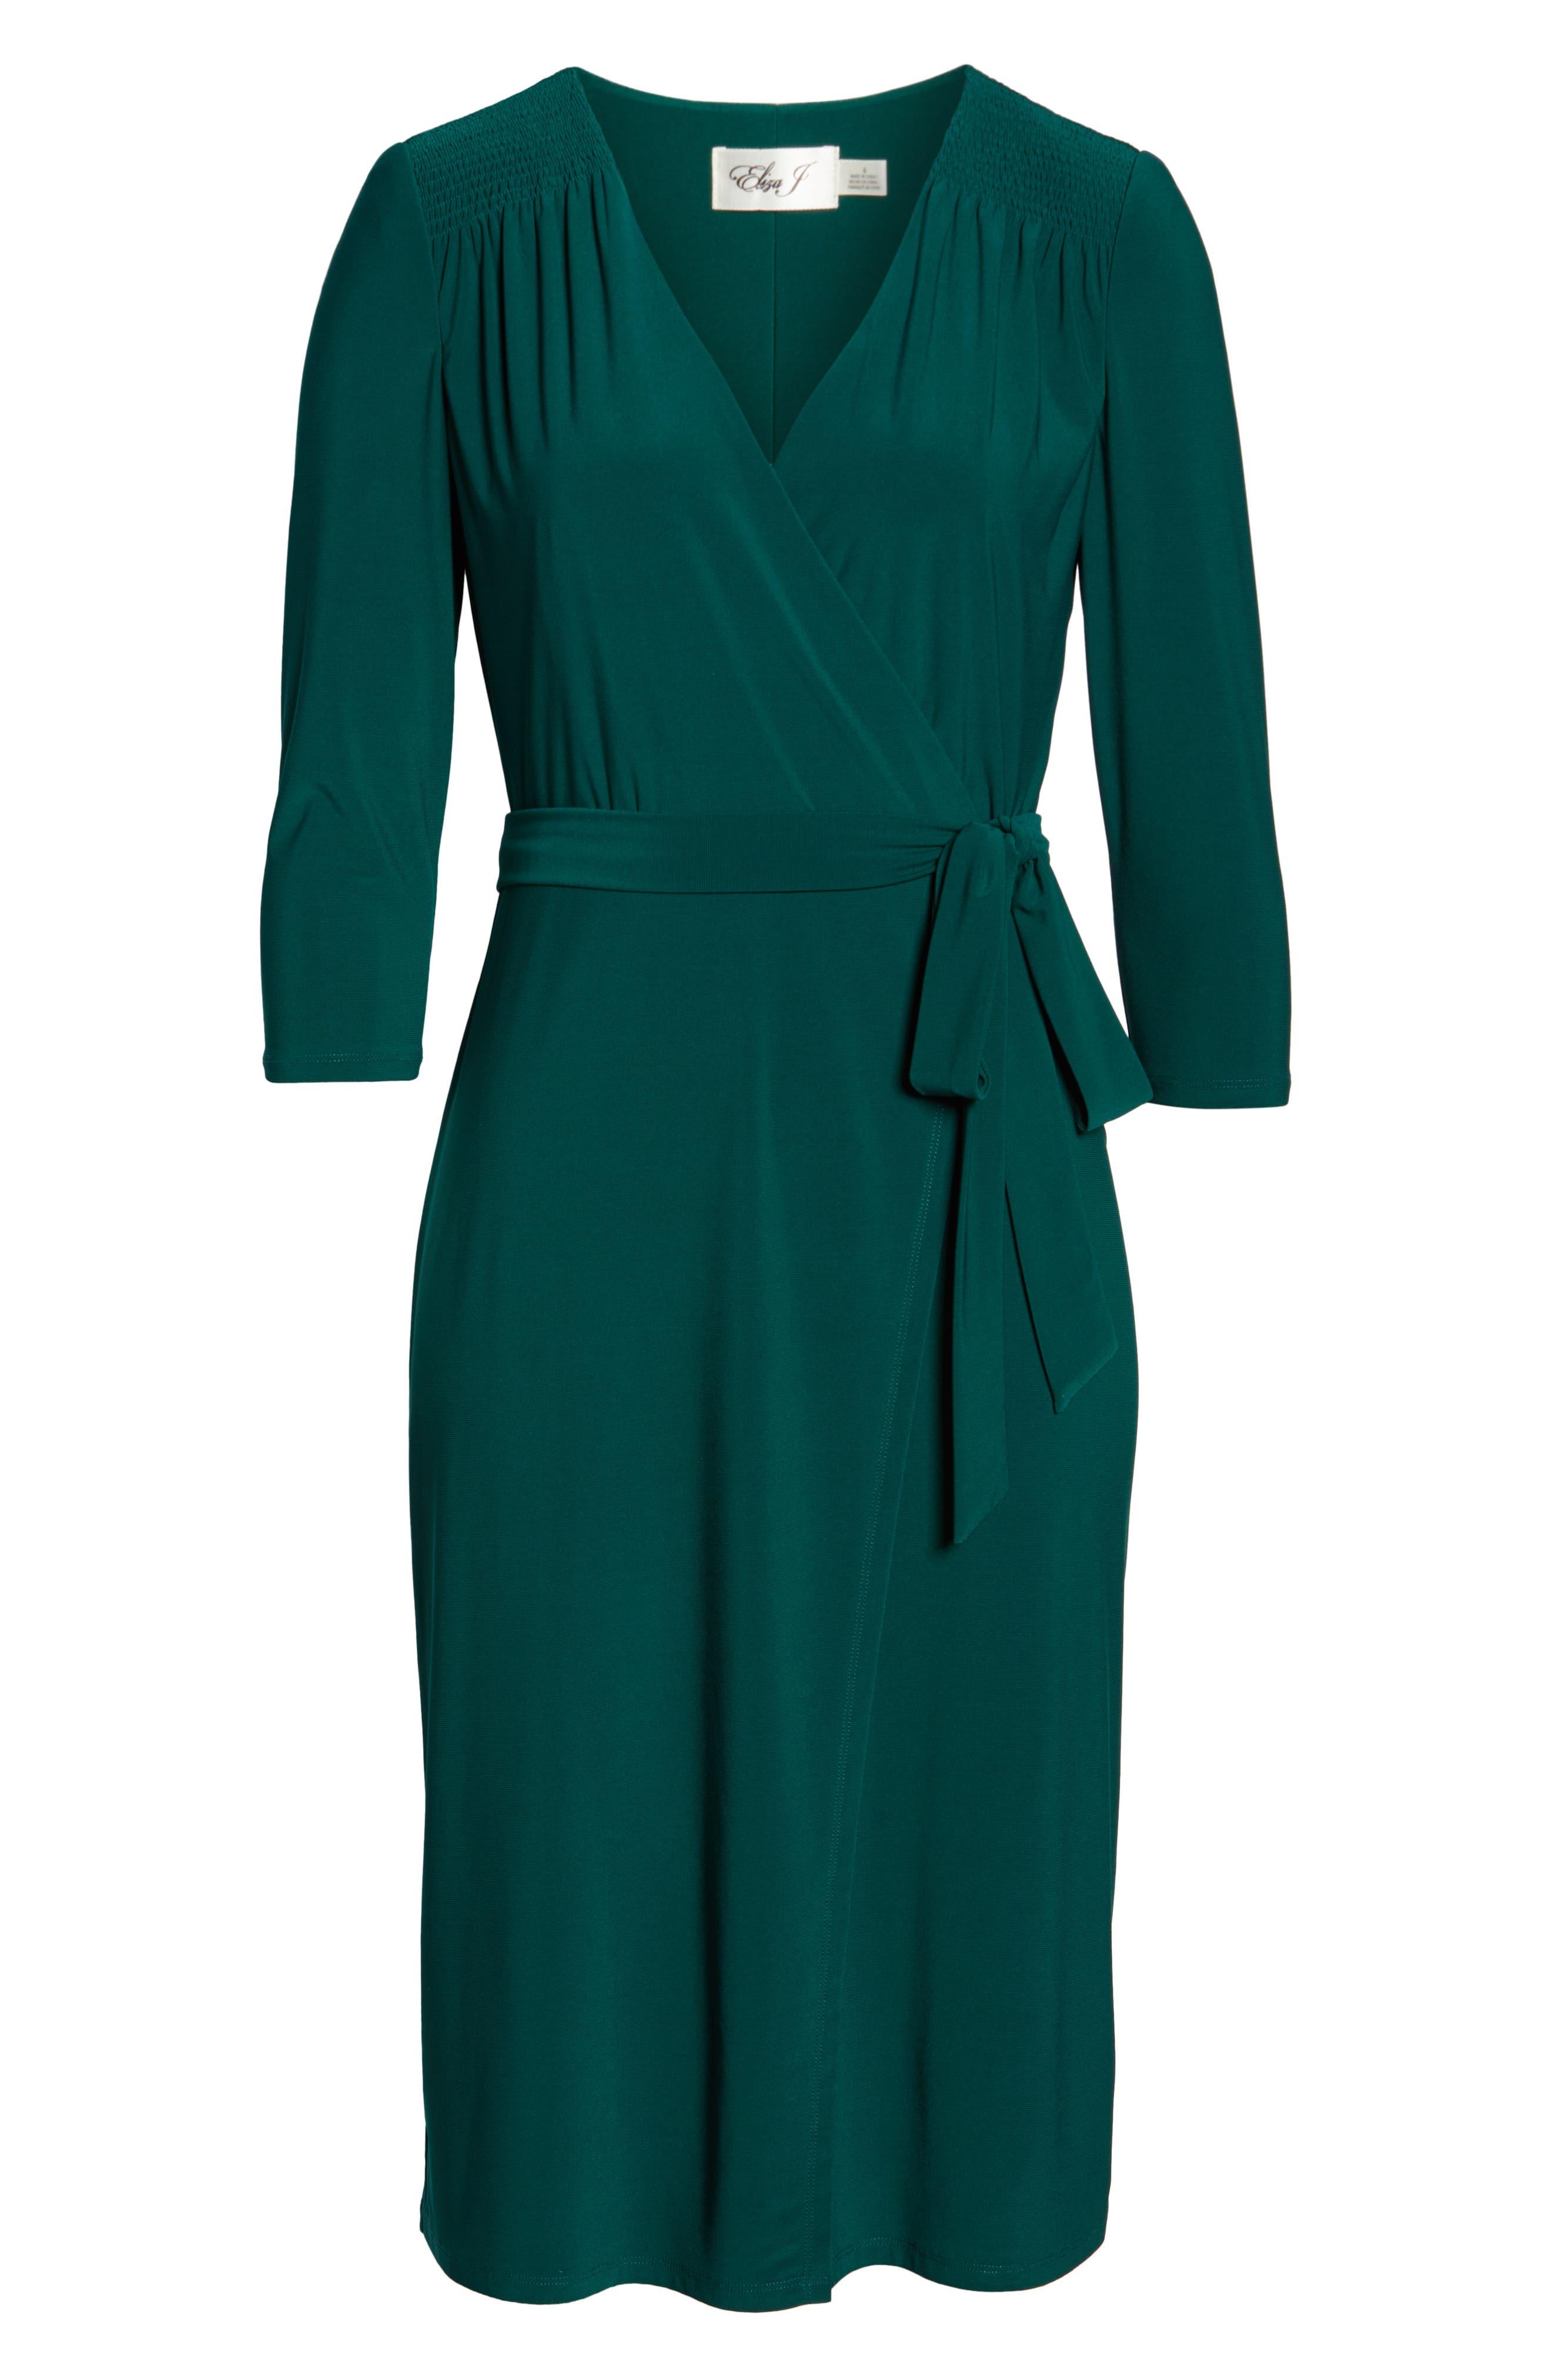 ELIZA J, Smocked Shoulder Wrap Dress, Alternate thumbnail 7, color, 376